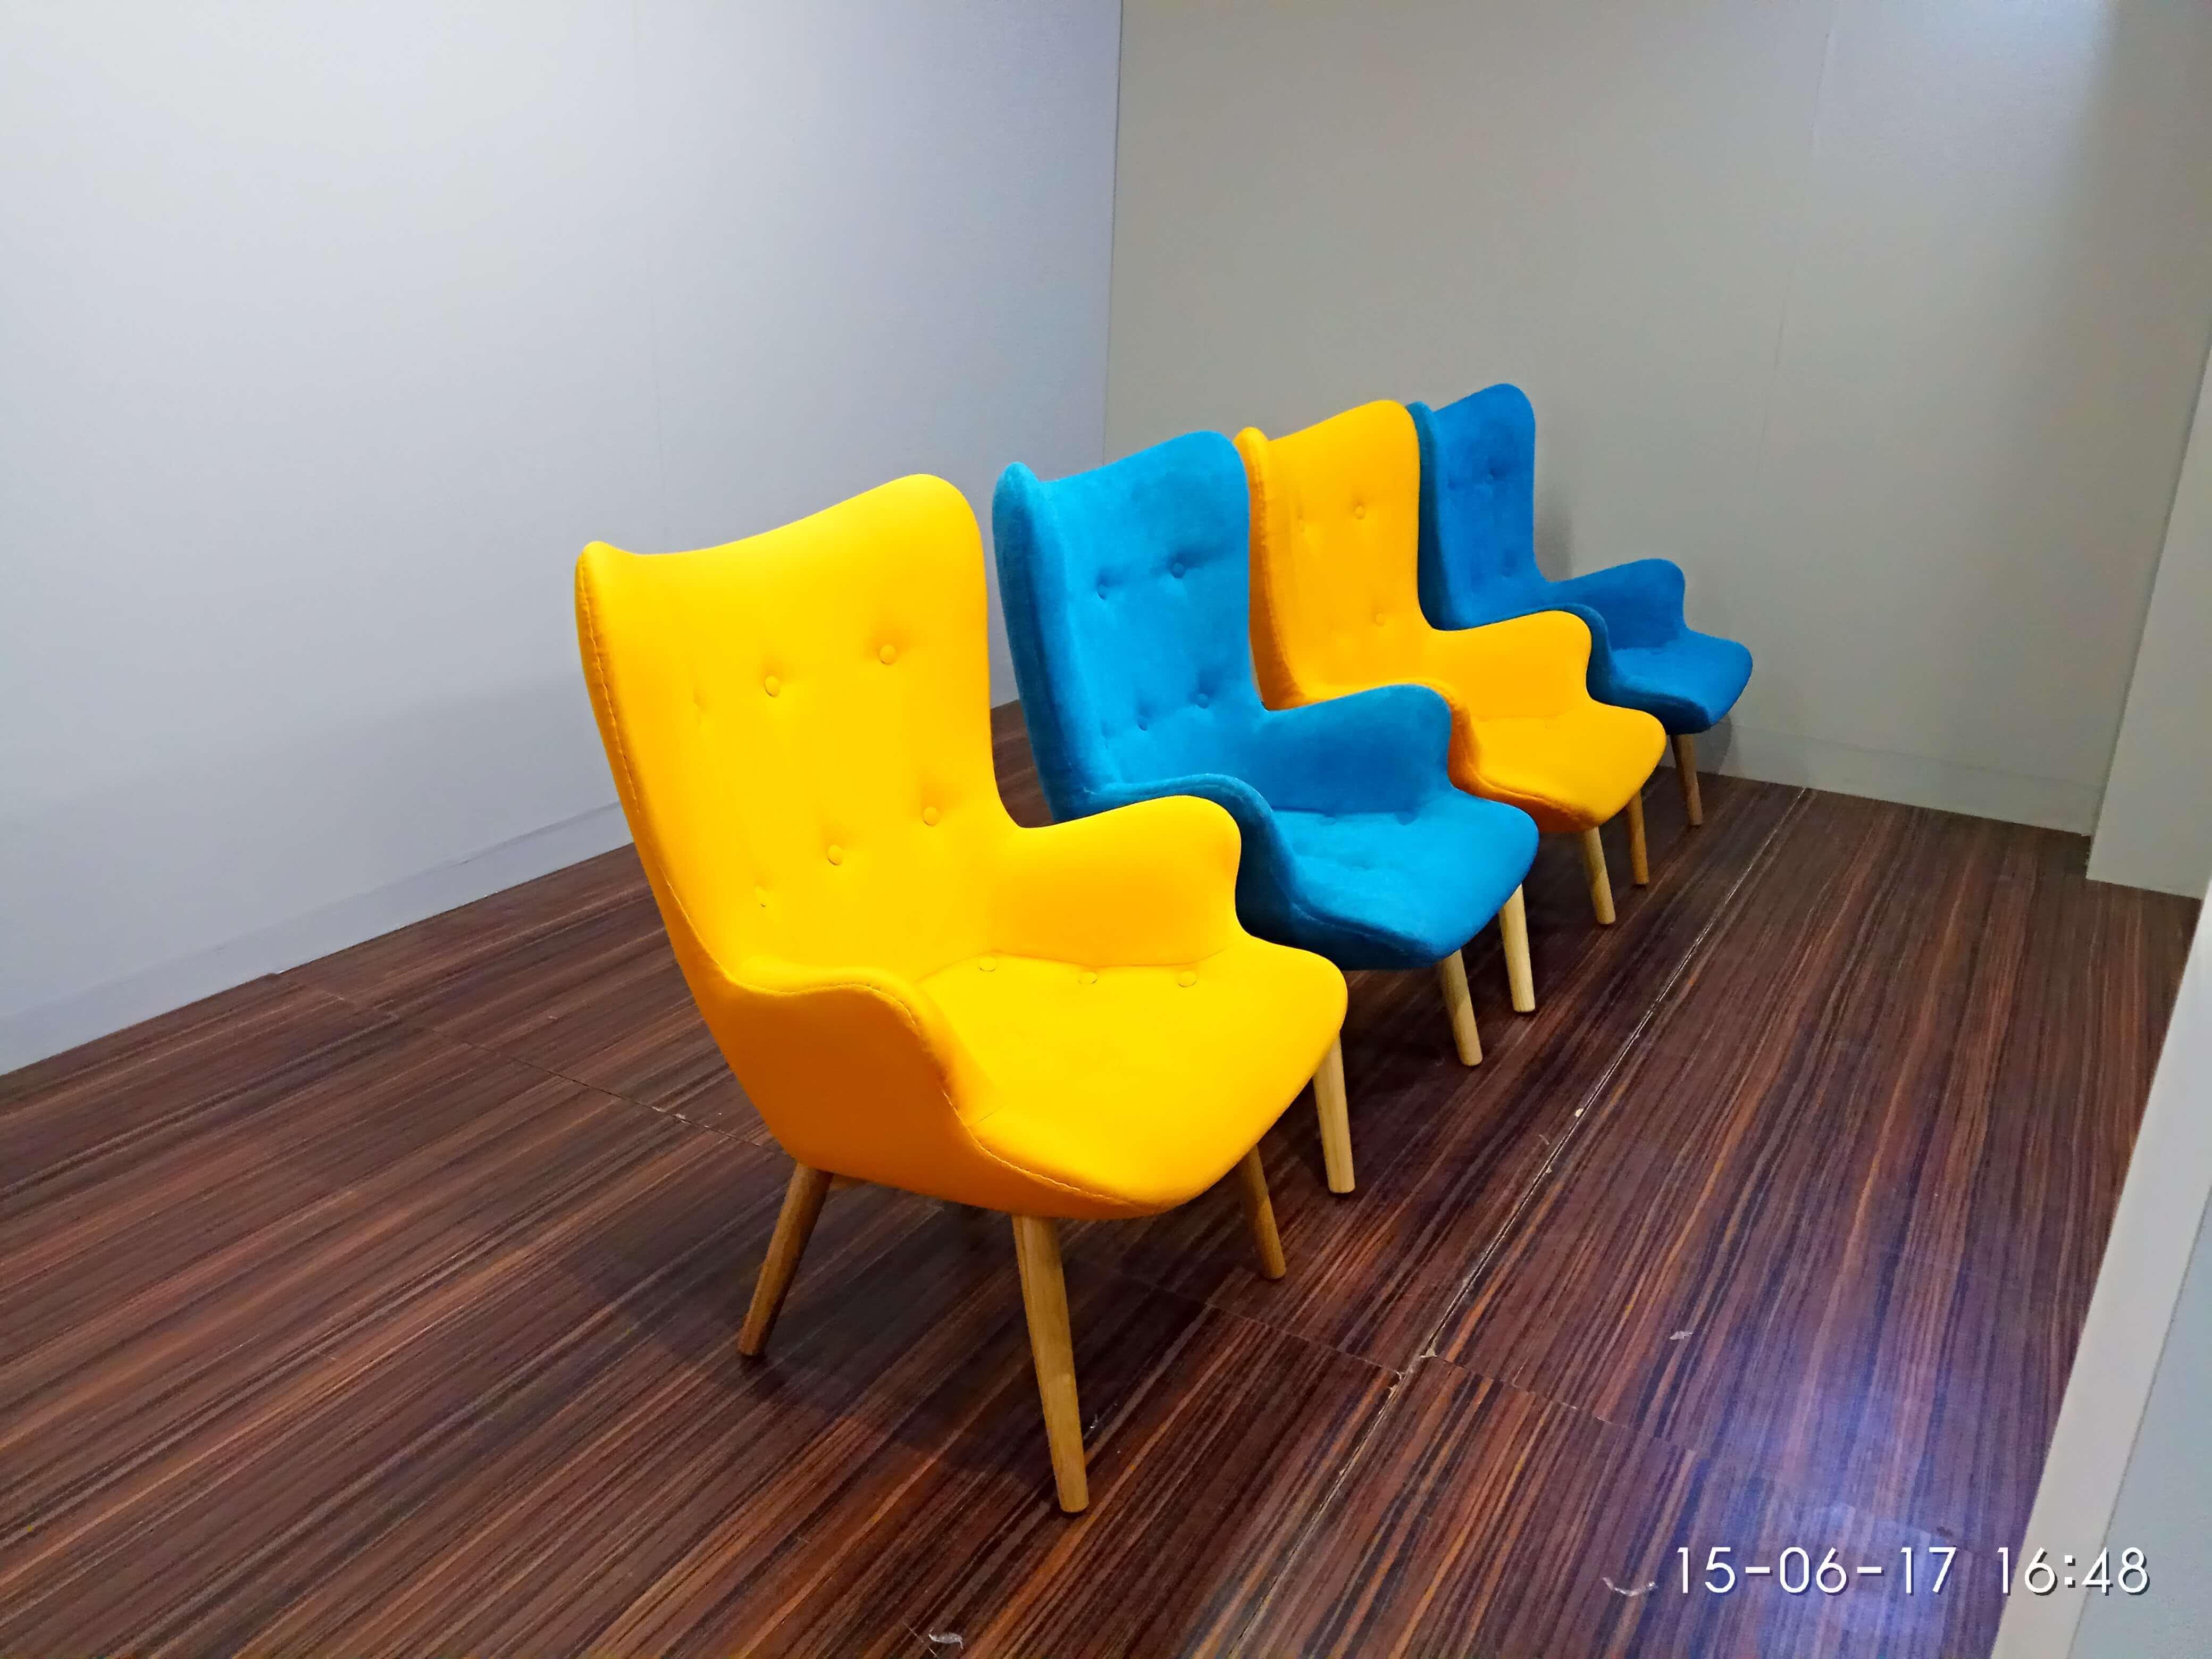 дизайнерская мягкая мебель Кресла Contour